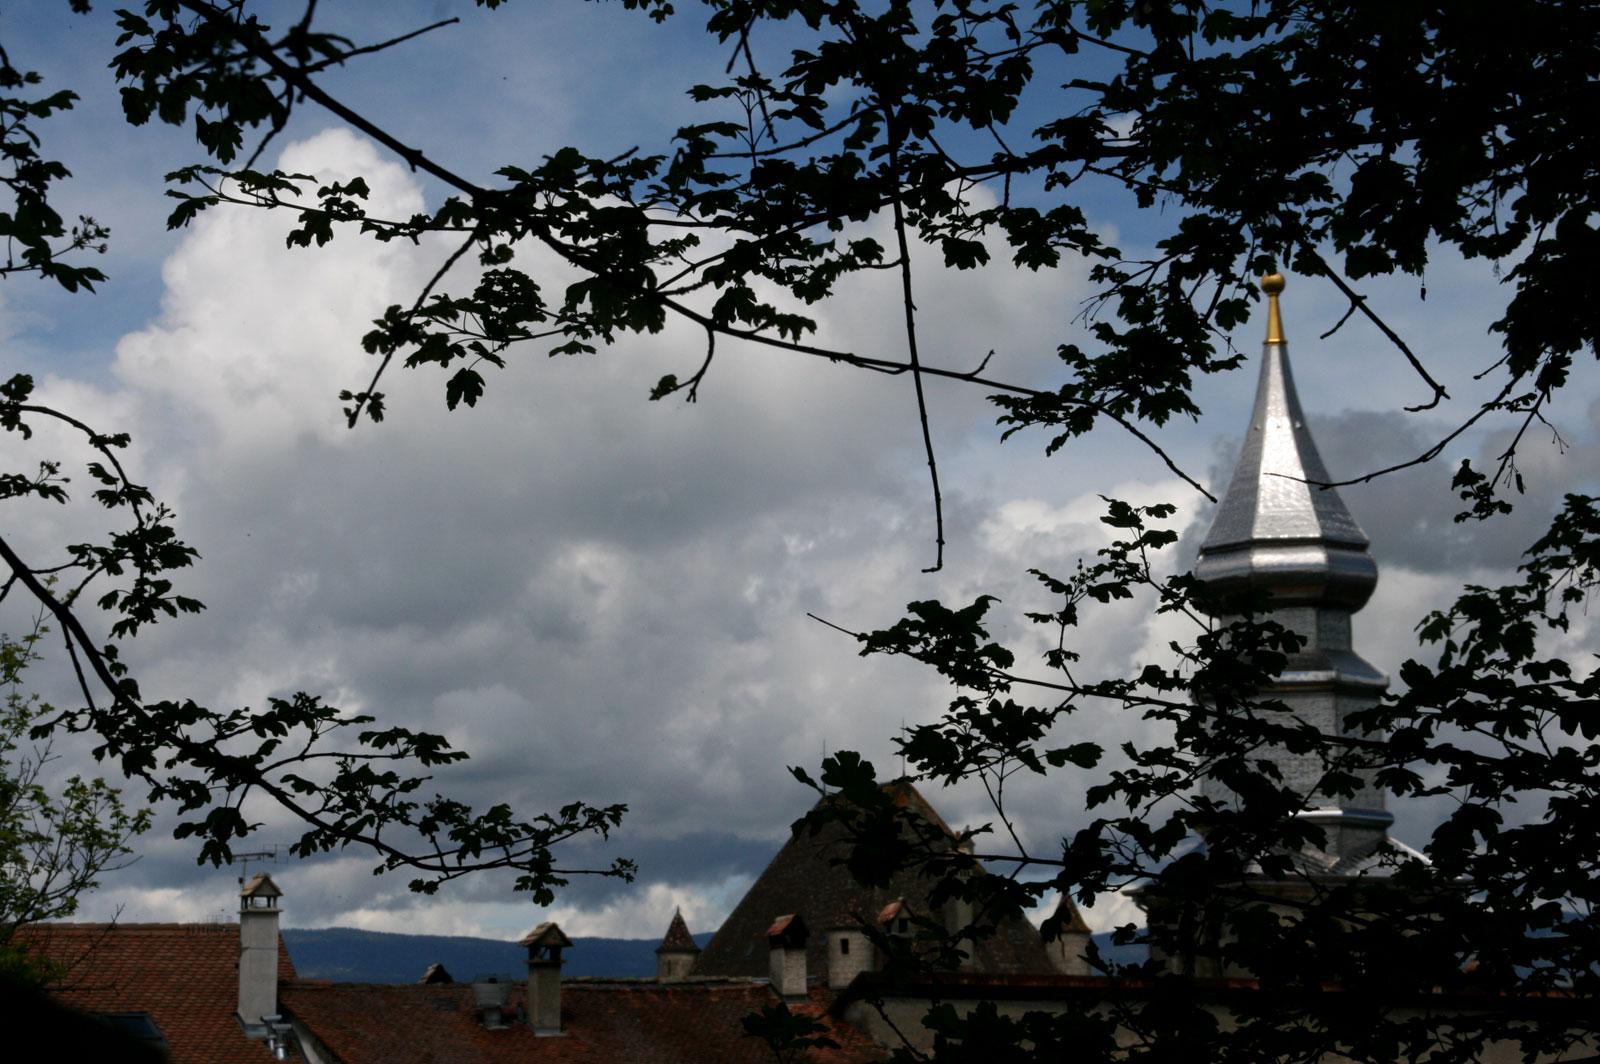 Le clocher d'Yvoire par dessus les toits